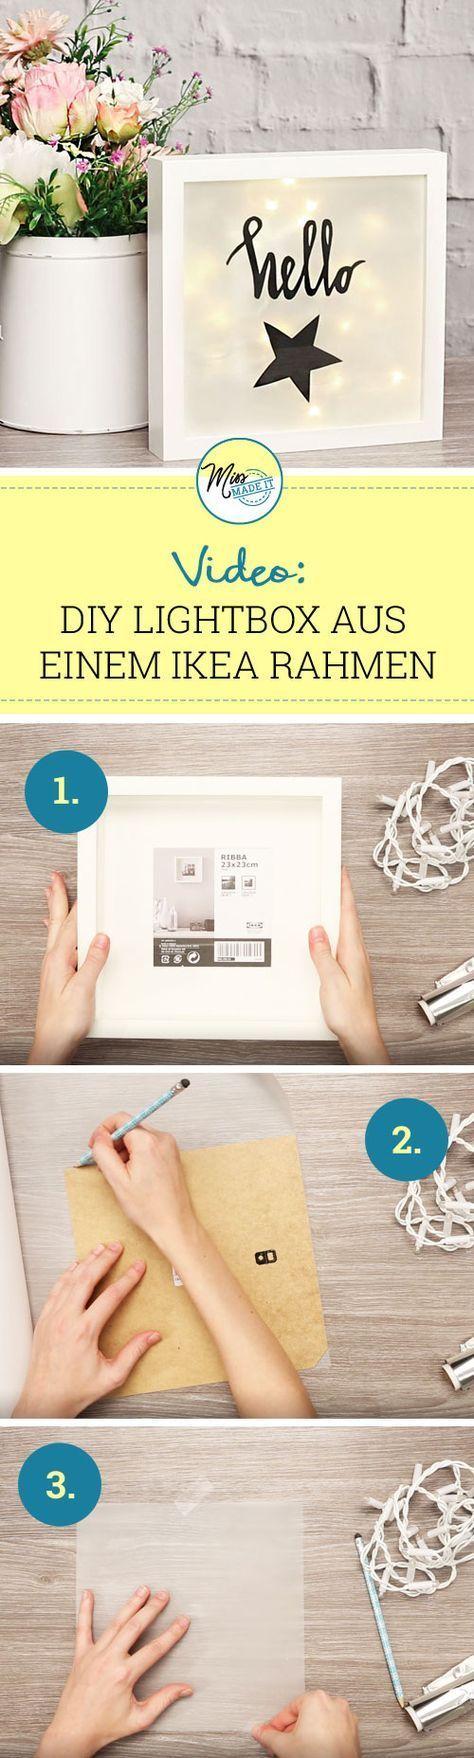 100 best Ikea Hacks images on Pinterest | Home ideas, Ikea hackers ...